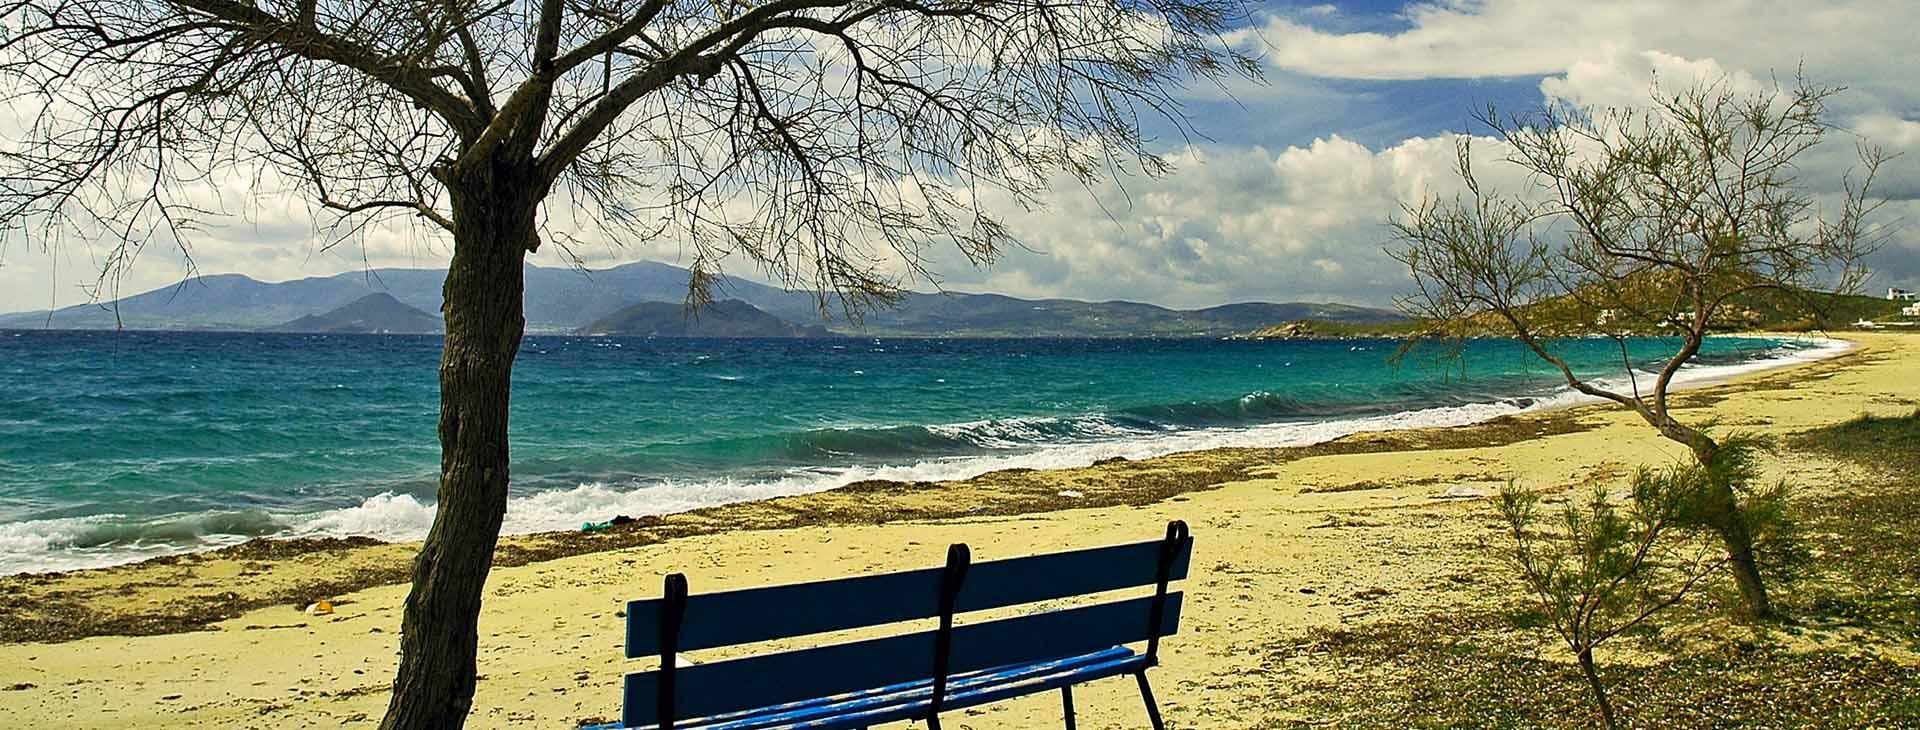 Agios prokopios beach, Naxos island